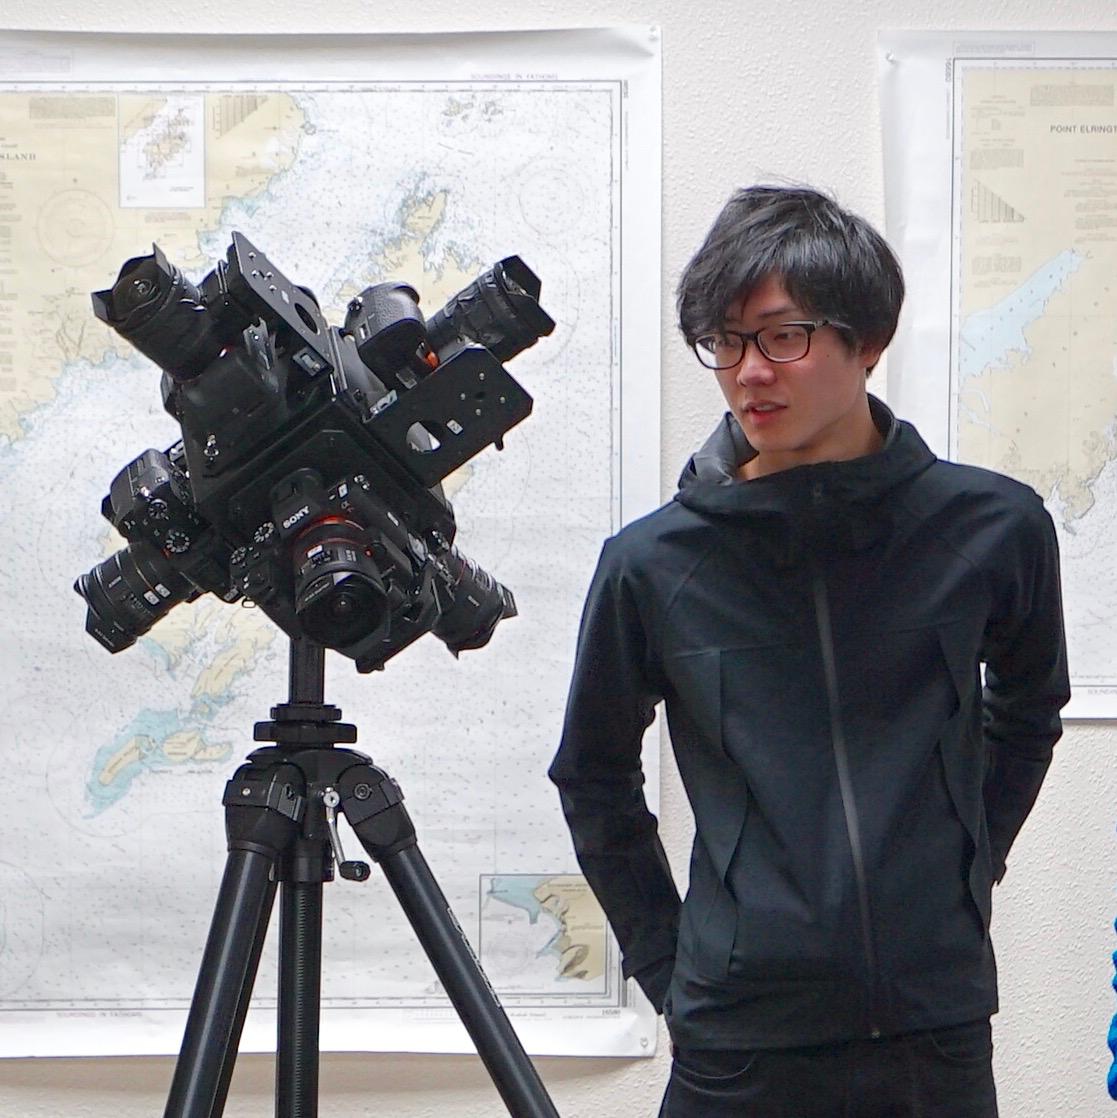 TDKオーロラプロジェクト(世界最高解像度でのオーロラ360°映像の撮影)に映像クリエイターとして参加